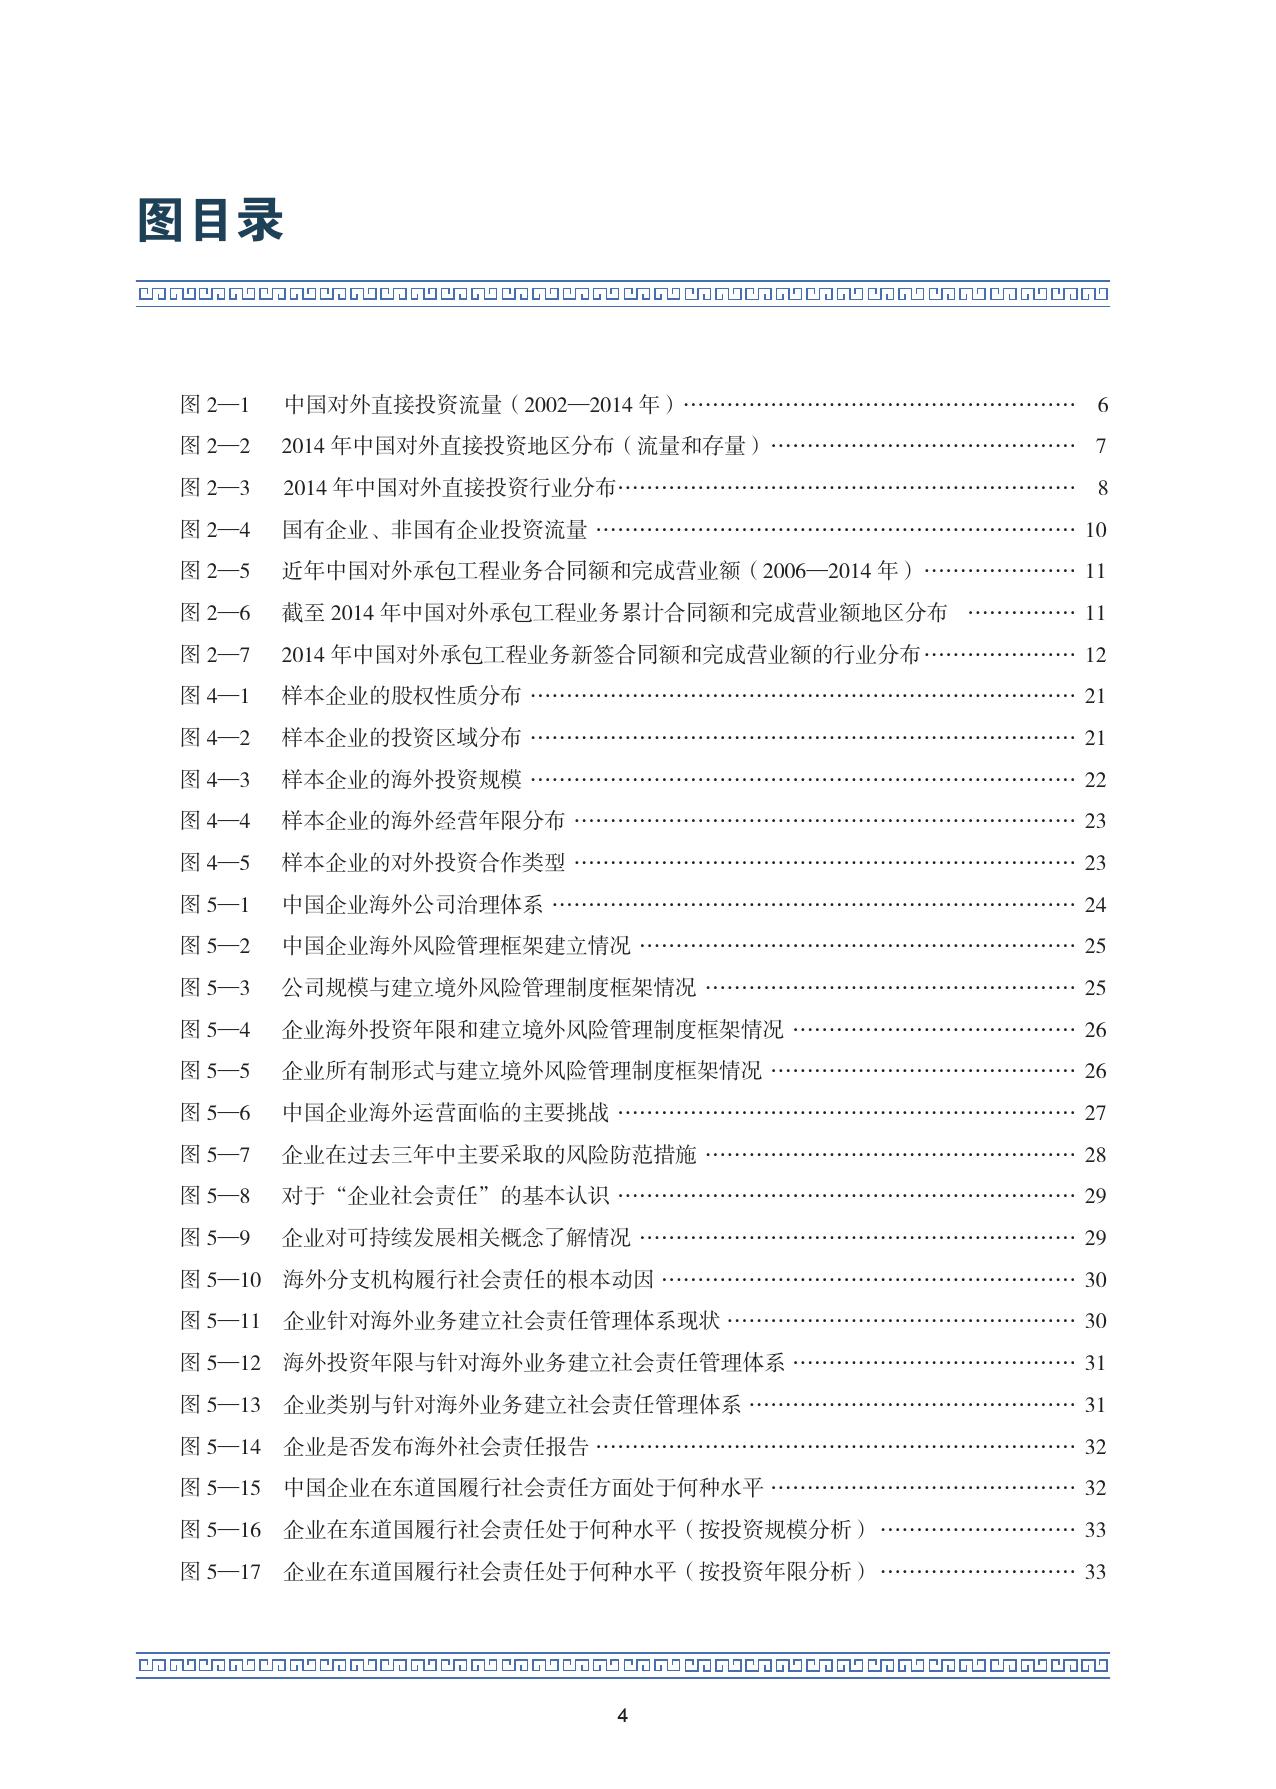 2015中国企业海外可持续发展报告_000011